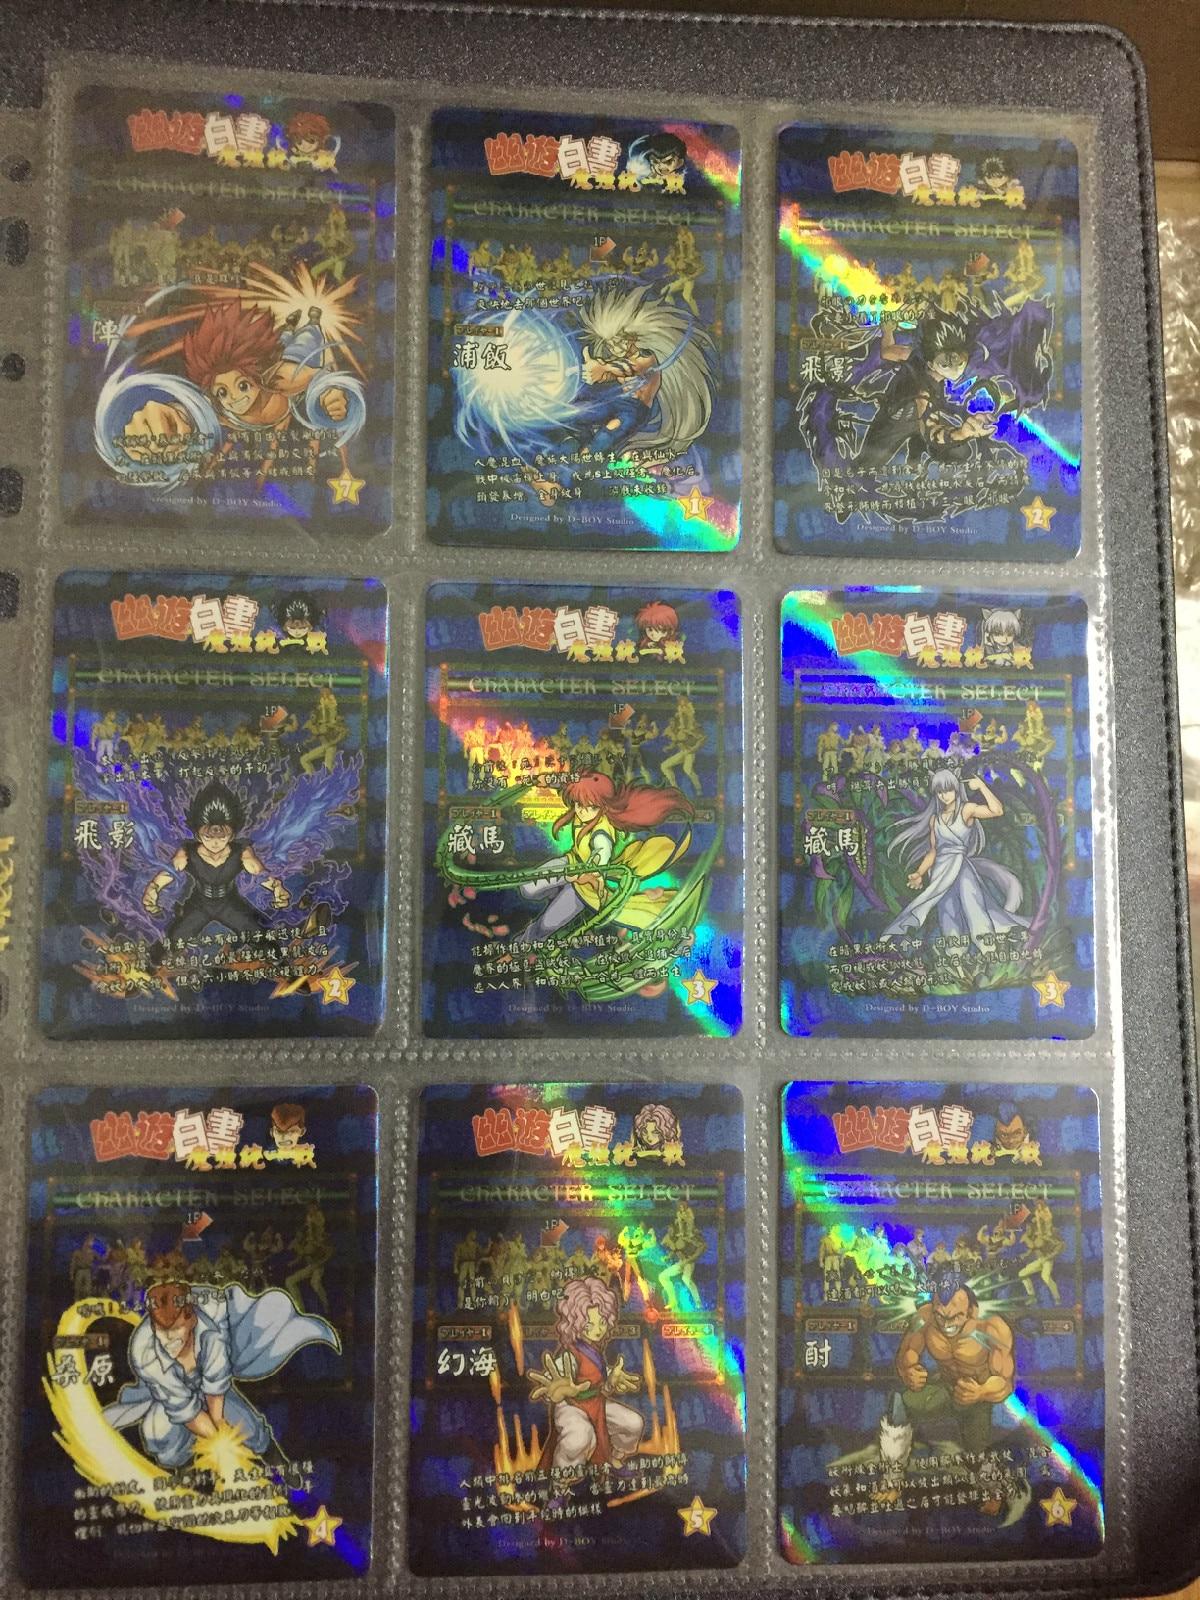 15 Teile/satz Yuyu Hakusho Md Spielzeug Hobbies Hobby Sammlerstücke Spiel Sammlung Anime Karten ZuverläSsige Leistung